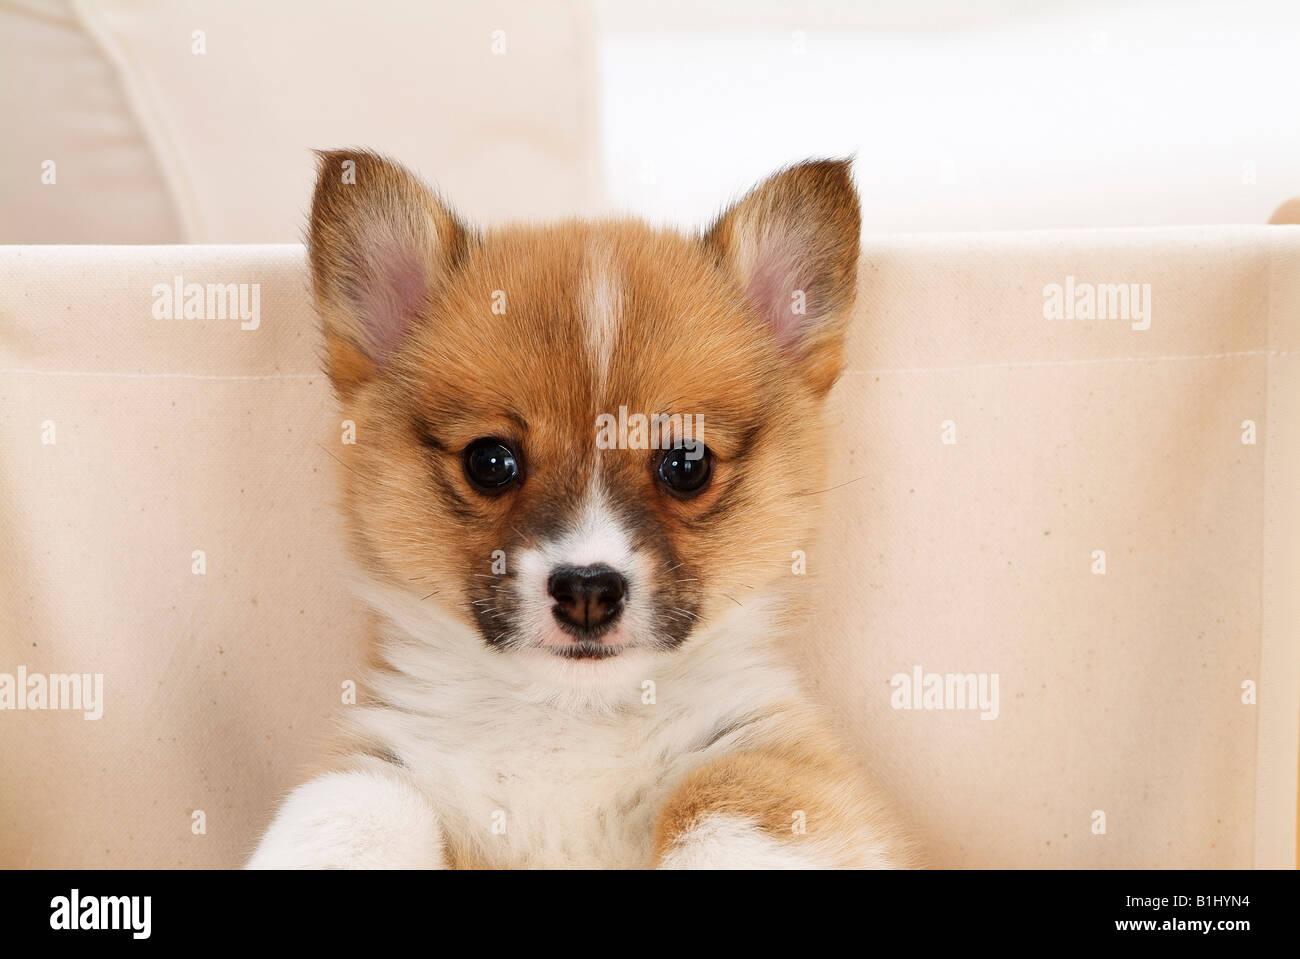 welsh corgi dog stock photos u0026 welsh corgi dog stock images alamy